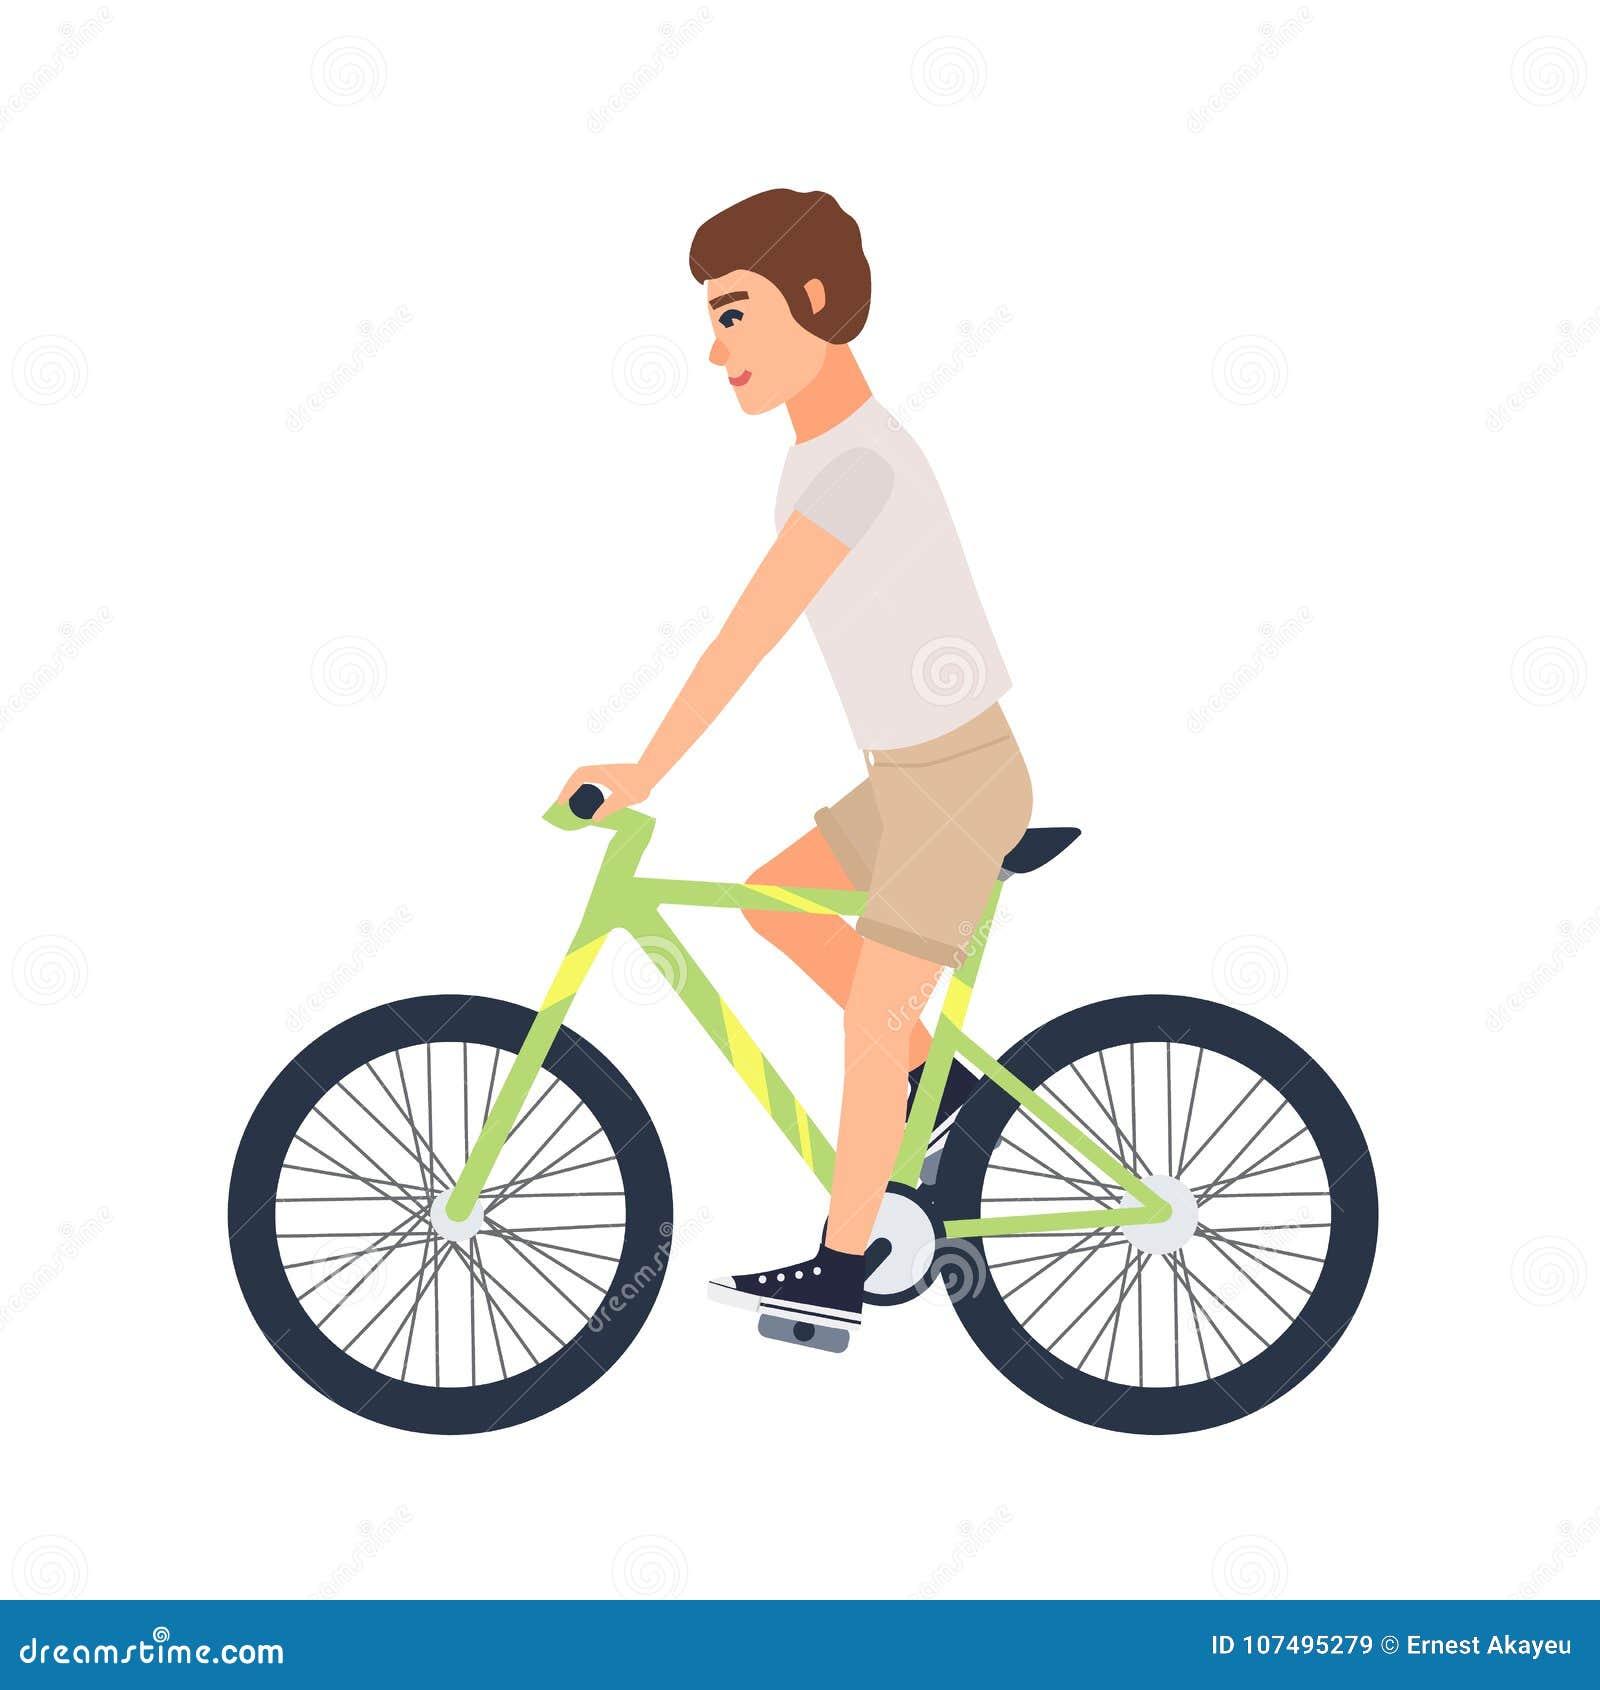 Cykel för ridning för tillfälliga kläder för man eller för pojke iklädd Plan manlig t-skjorta och kortslutningar för tecknad film